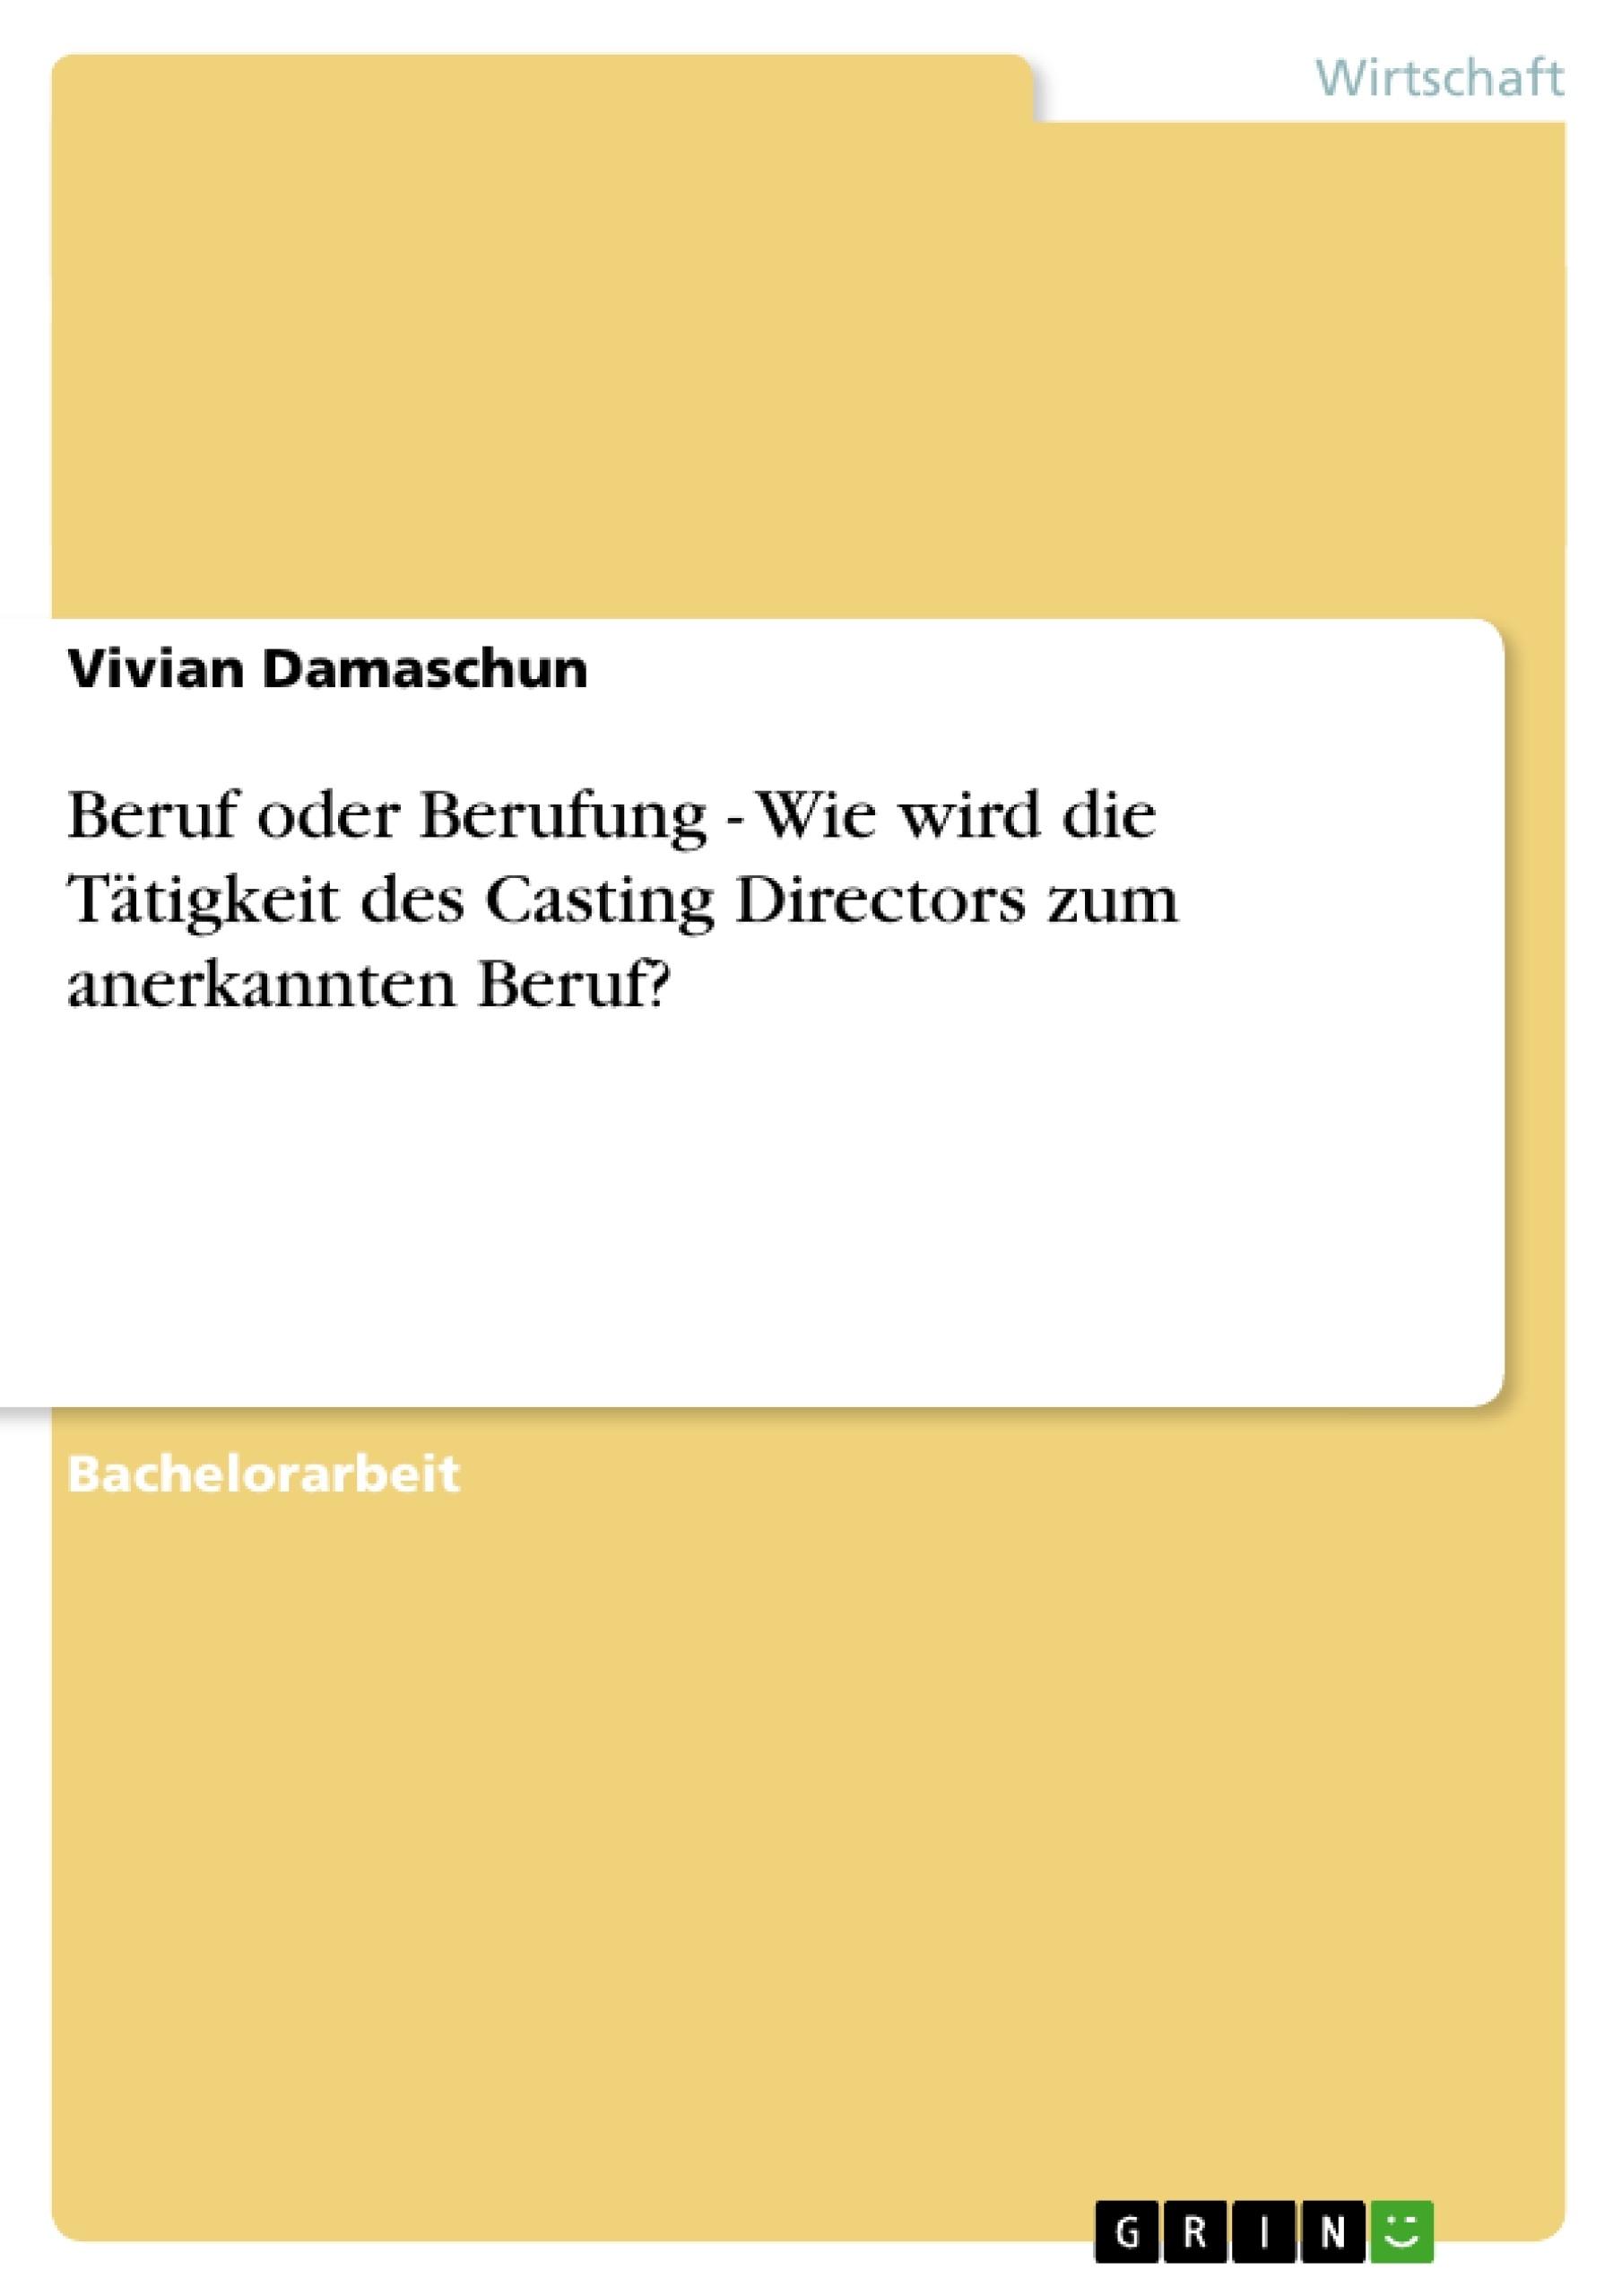 Titel: Beruf oder Berufung - Wie wird die Tätigkeit des Casting Directors zum anerkannten Beruf?